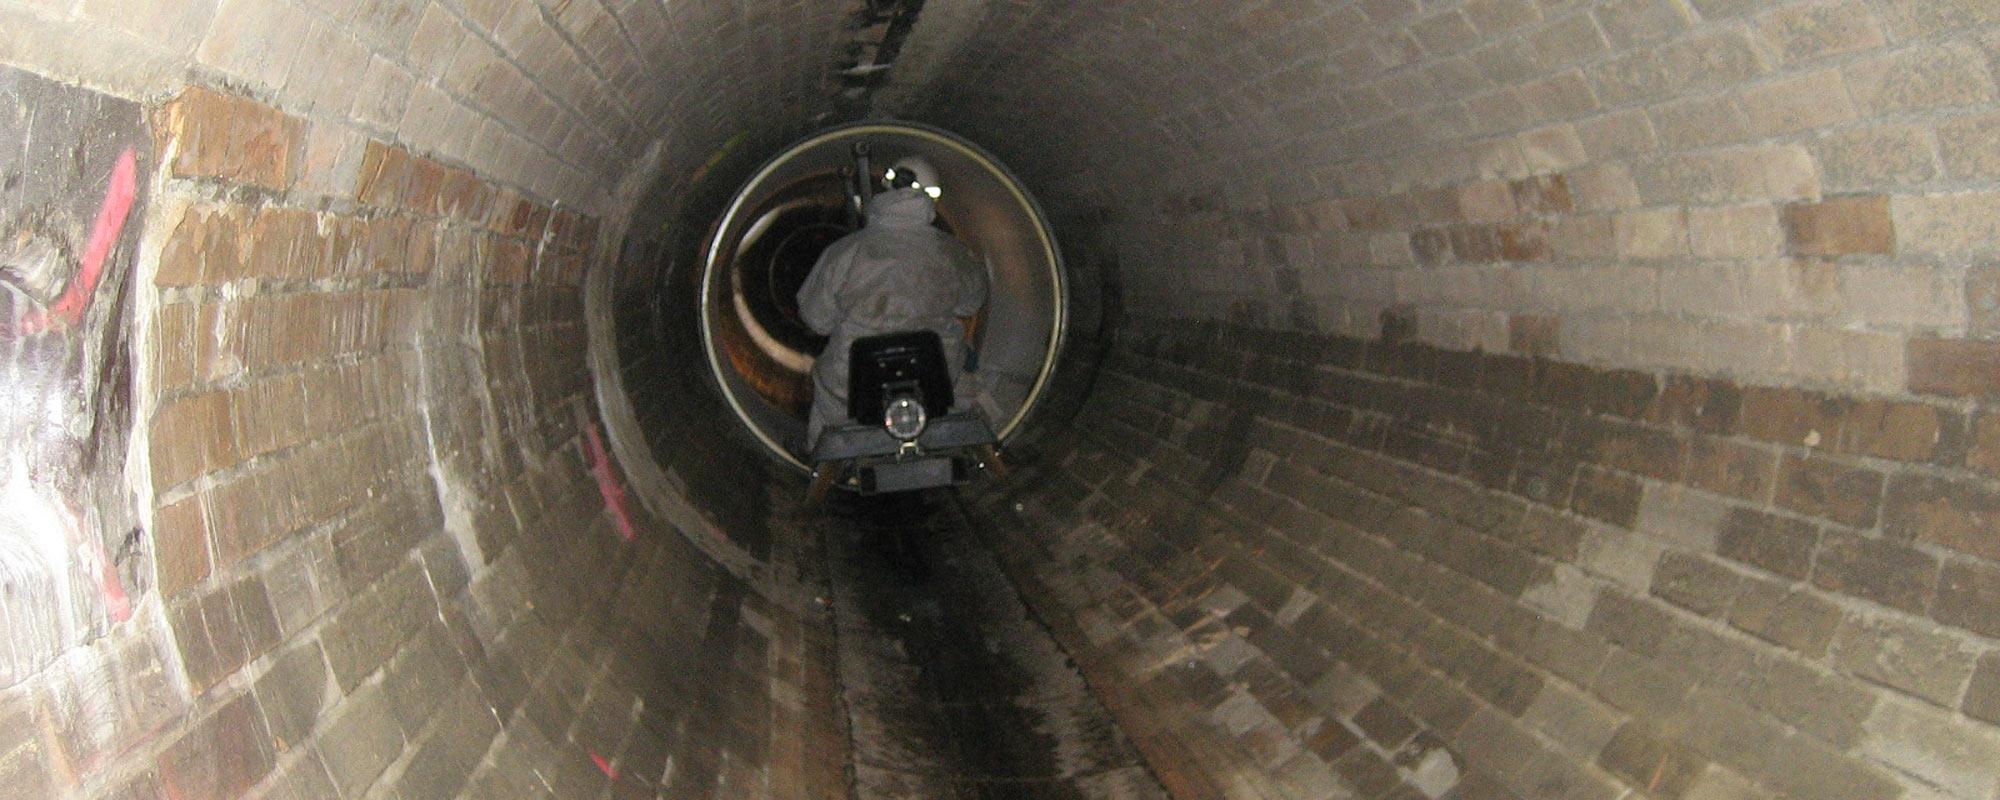 Kanalsanierung_Schloßstraße_Neuwied_Slide_3